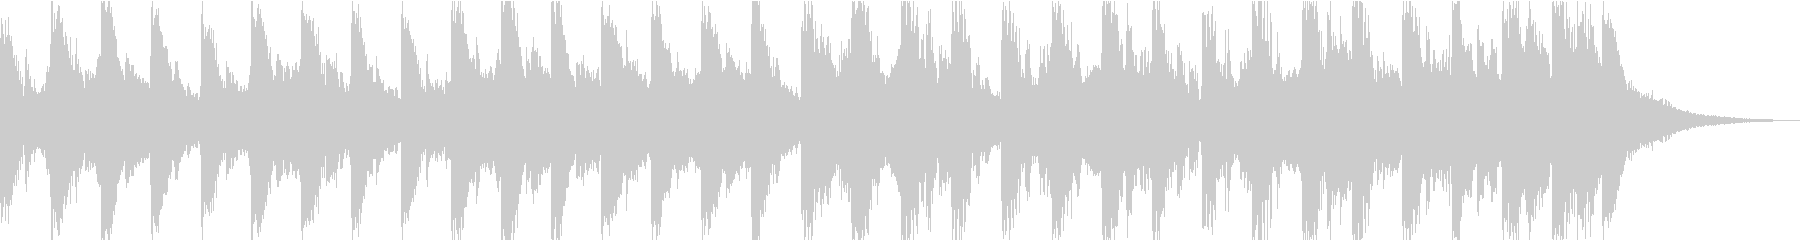 15秒のコミカルなジングルですの未再生の波形